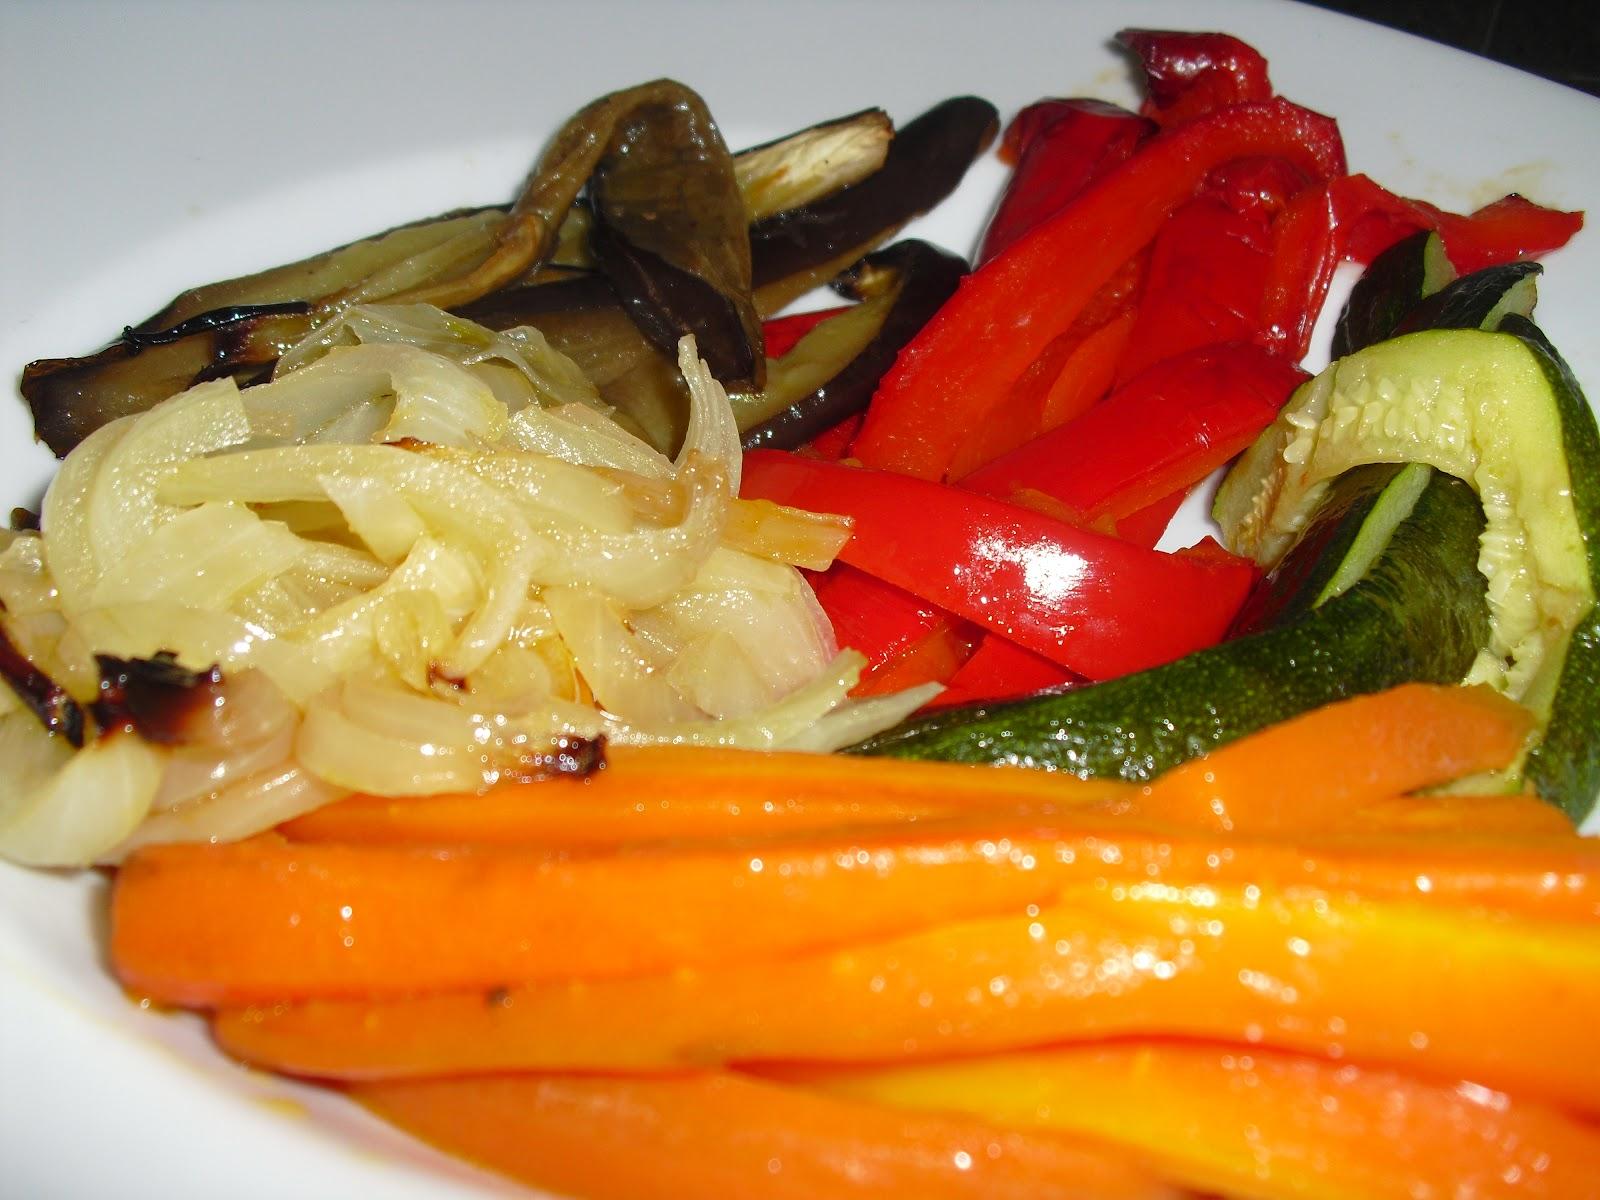 Me gusta cocinar verduras al horno - Cocinar verduras al horno ...